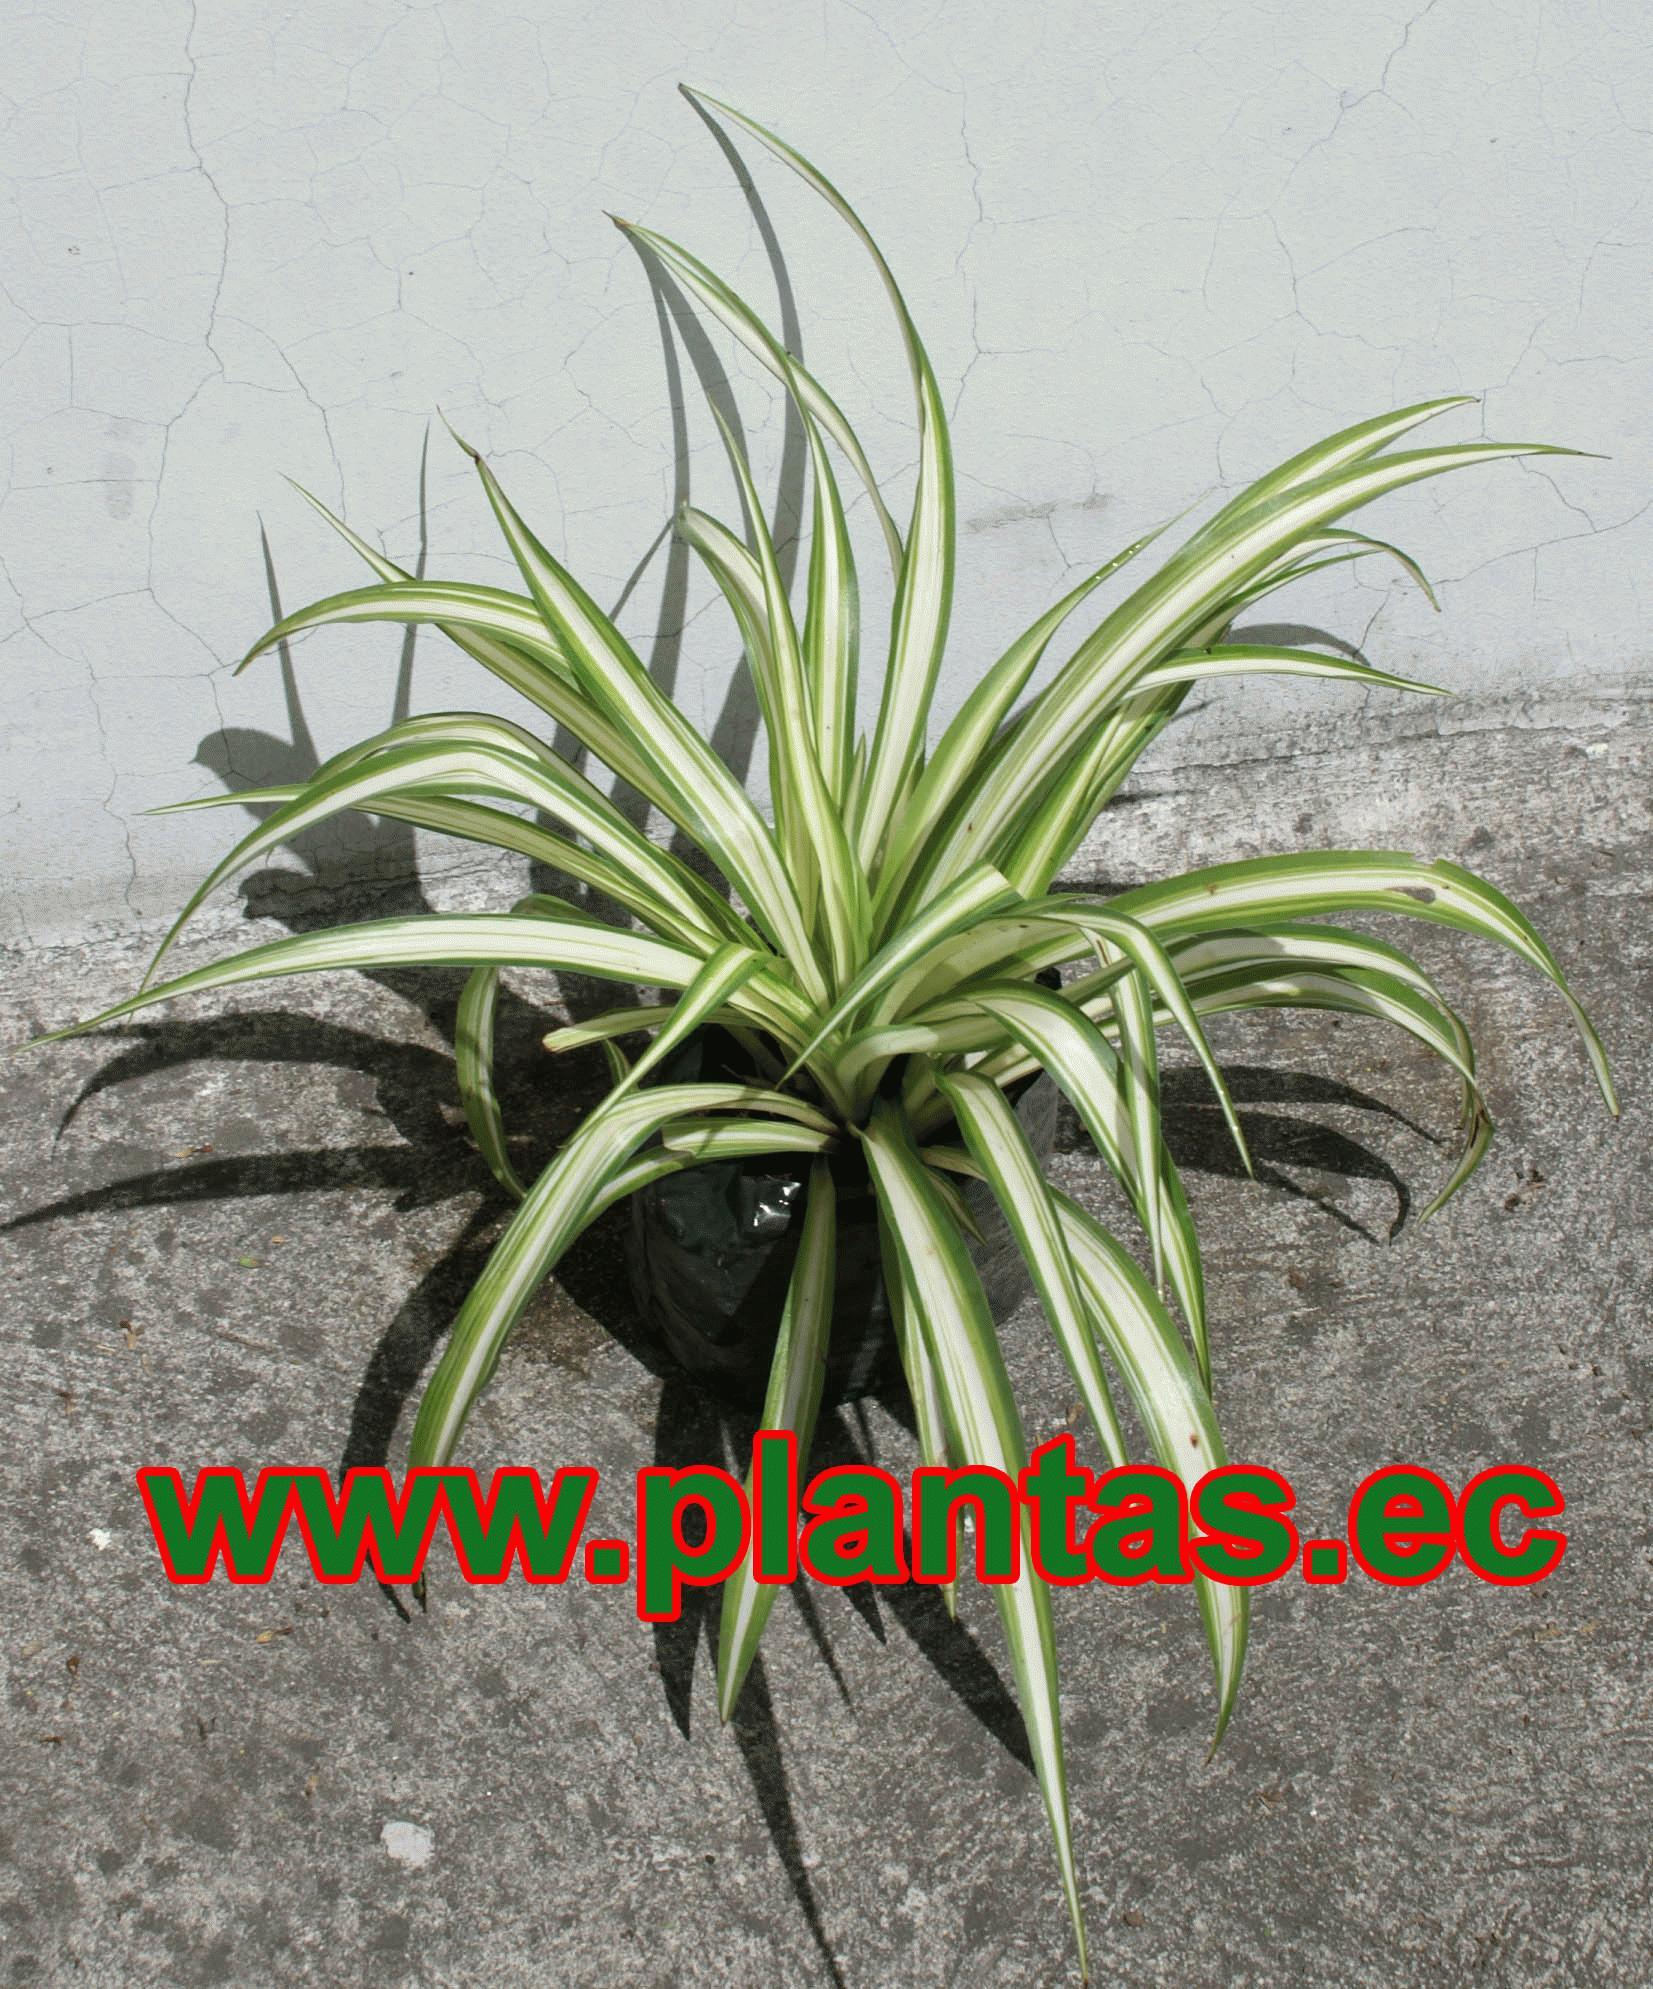 Cebollina arboles frutales plantas ornamentales y for Plantas medicinales y ornamentales